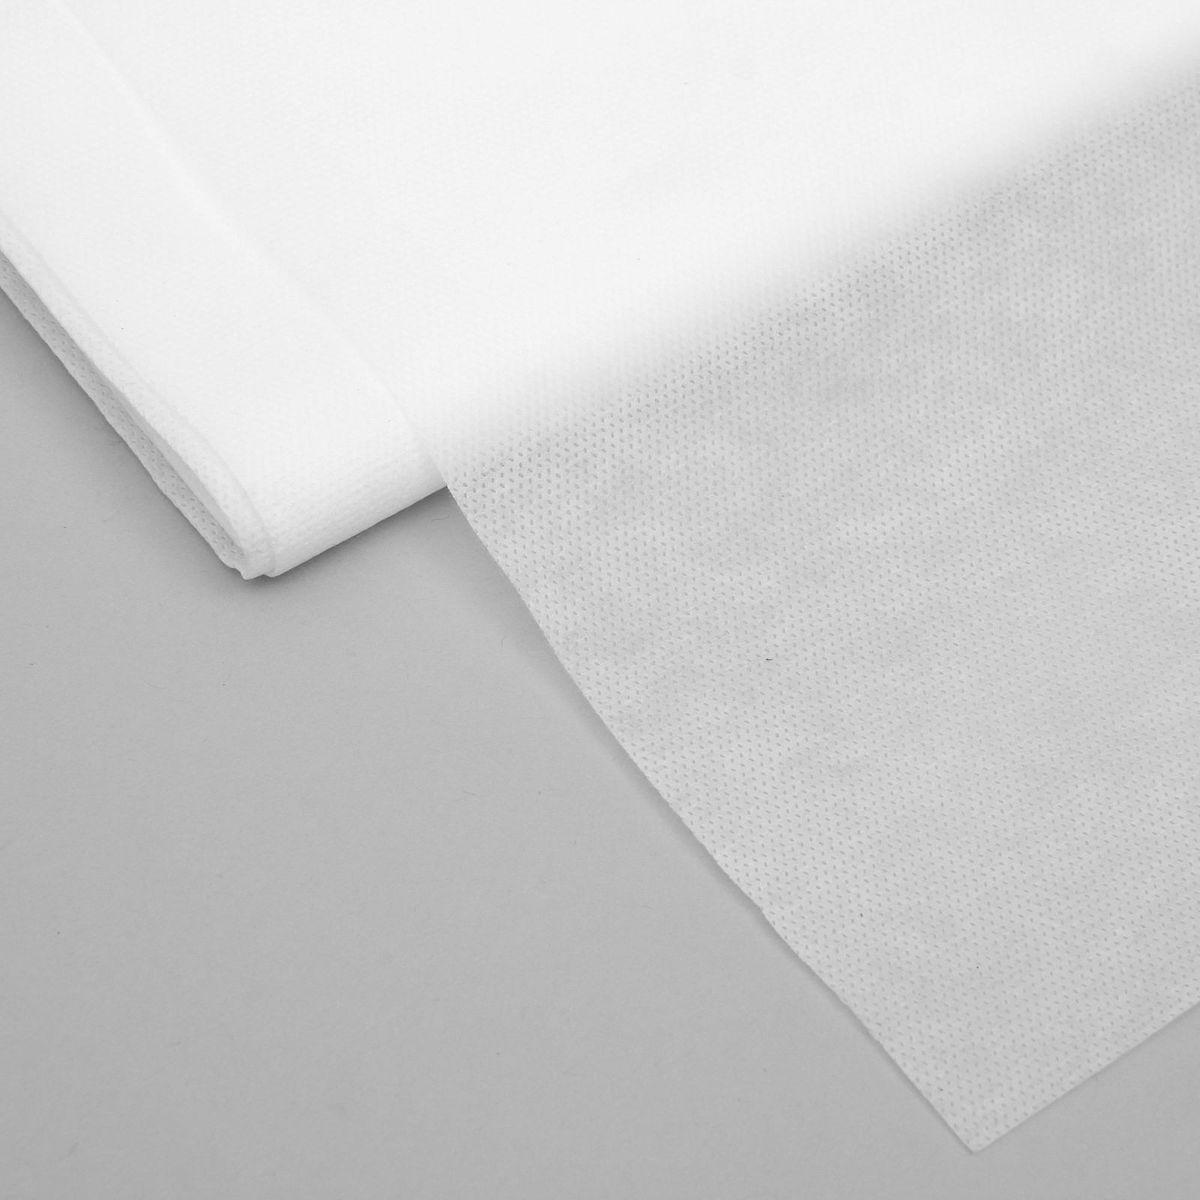 Материал укрывной Агротекс, цвет: белый, 10 х 1,6 м 693568K100Многофункциональность, надёжность и высокое качество — вот отличительные черты укрывного материала «Агротекс». Позаботьтесь о своих посадках заранее! Укрывной материал можно использовать на грядках.Благодаря специально разработанной текстуре он обеспечит надёжную защиту даже самых ранних побегов от: заморозковсолнечных ожоговхолодной росыдождейптиц и грызунов. Он создаёт мягкий, комфортный микроклимат, который способствует росту и развитию рассады. Благодаря новейшим разработкам укрывной материал удерживает влагу, и растения реже нуждаются в поливе. Ближе к зиме опытные садоводы укутывают им стволы деревьев, теплицы и грядки, чтобы исключить промерзание земли и корневой системы. Материал «Агротекс» поможет вам ускорить процесс созревания растений, повысит урожайность, сэкономит средства и силы по уходу за садом.